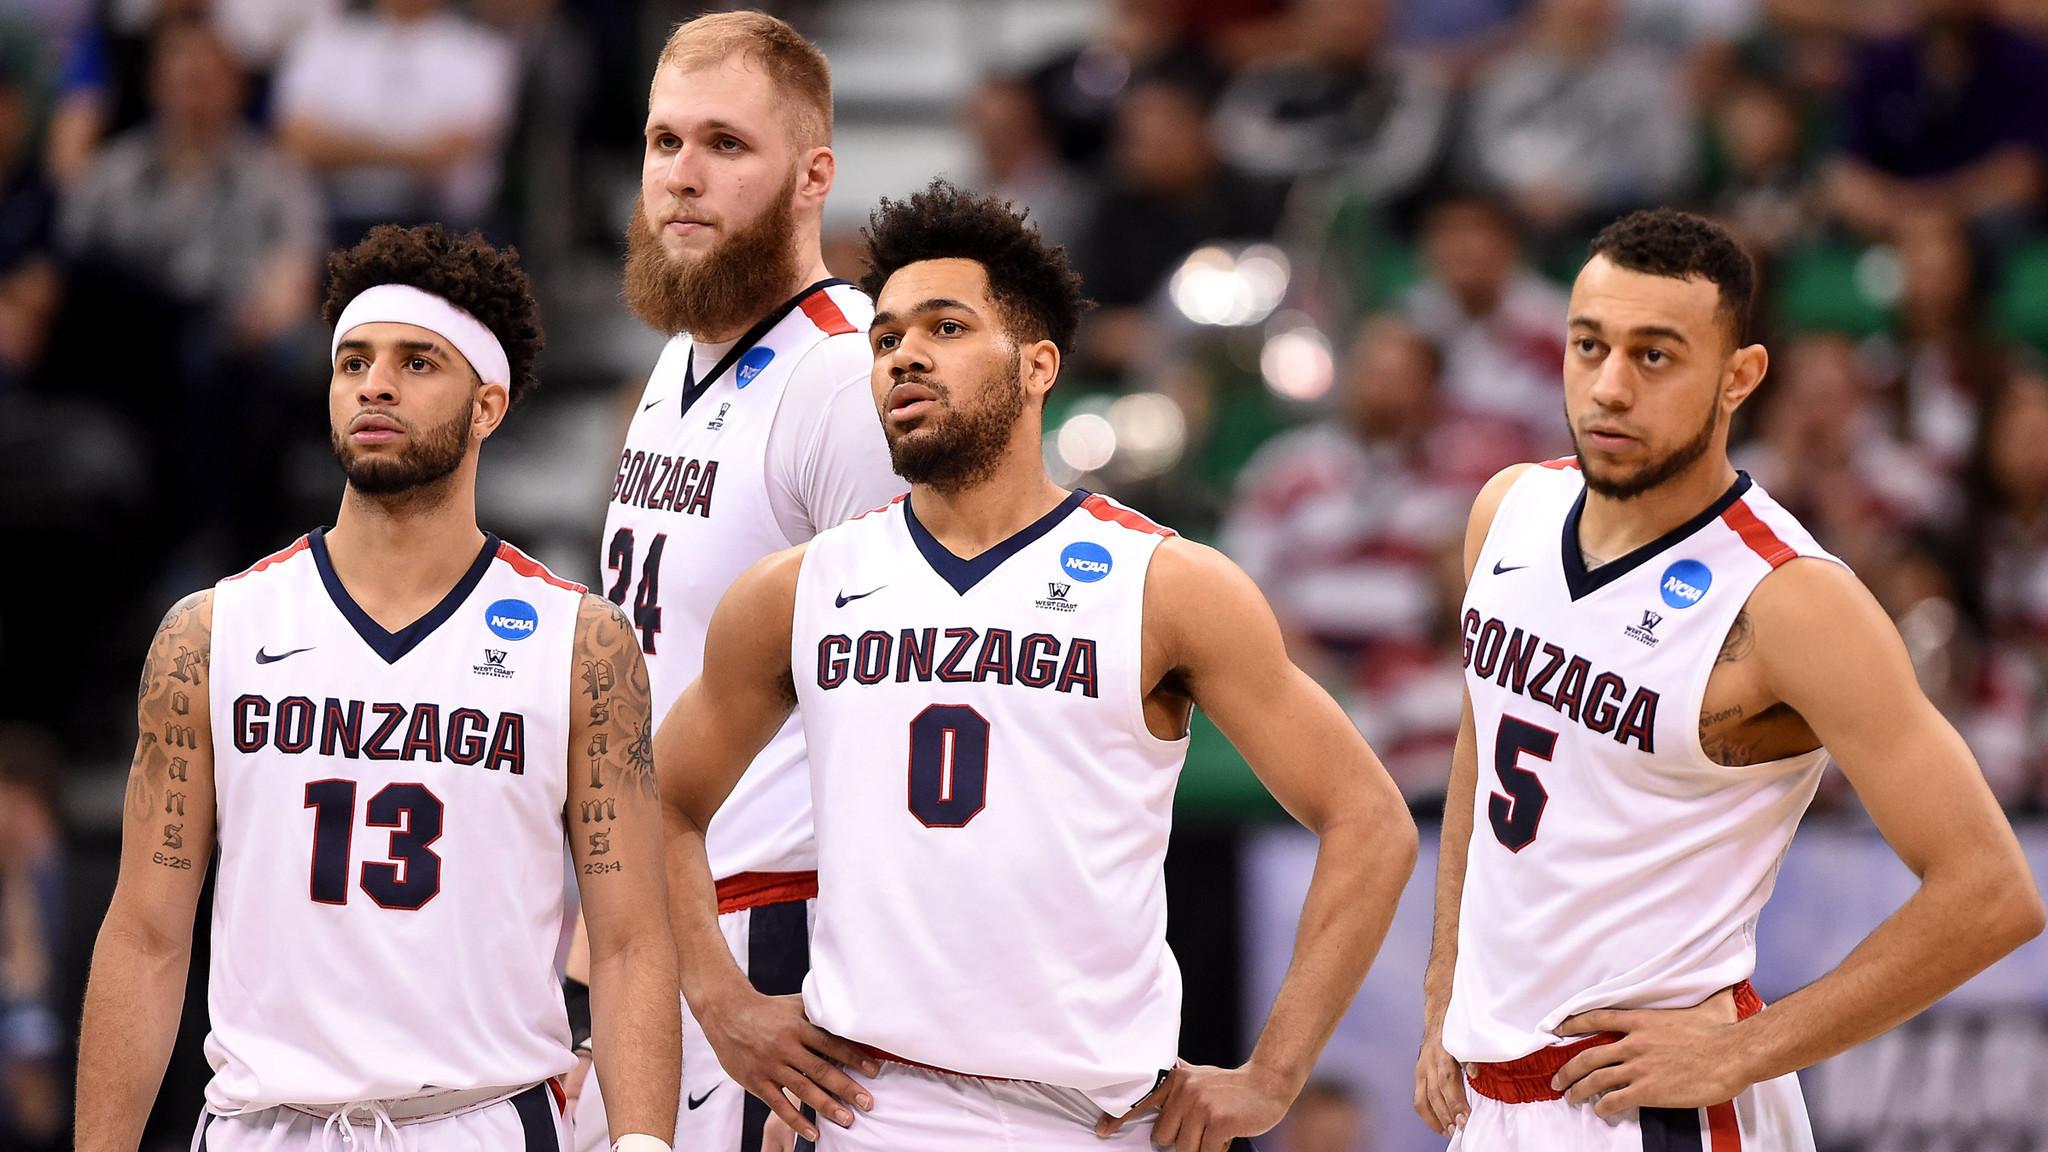 La-sp-ncaa-basketball-20170319